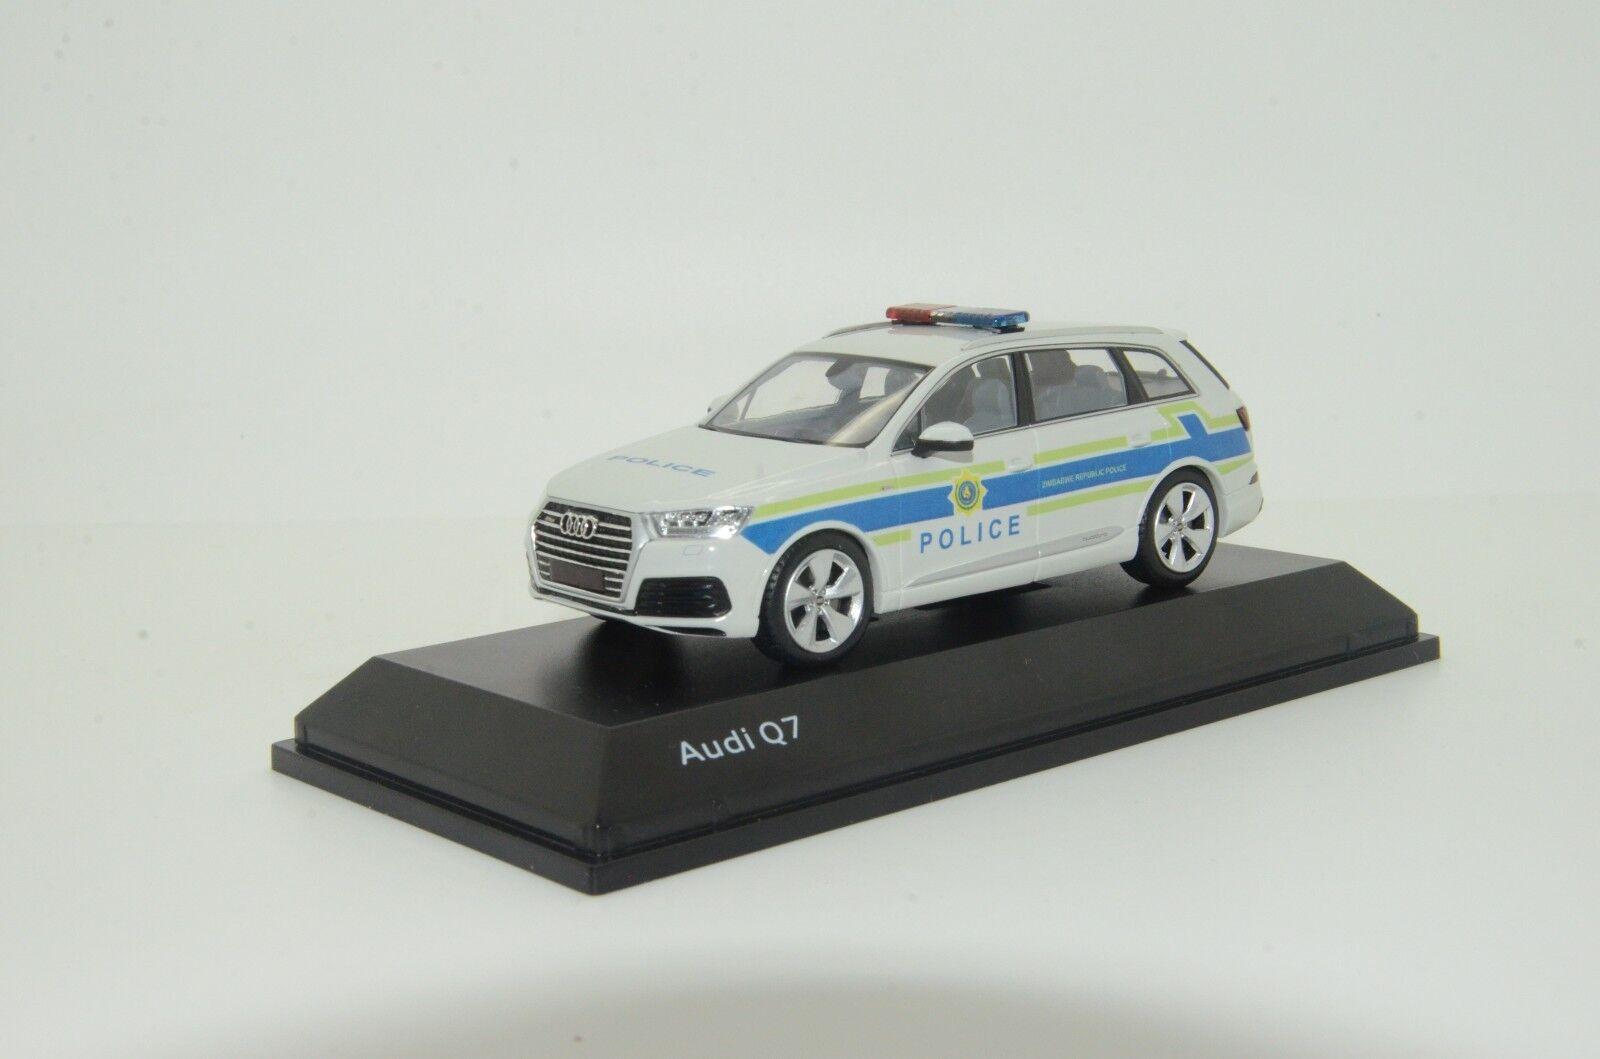 Raro nuevo Audi Q7 Zimbabue Policía Hecho a Medida 1/43